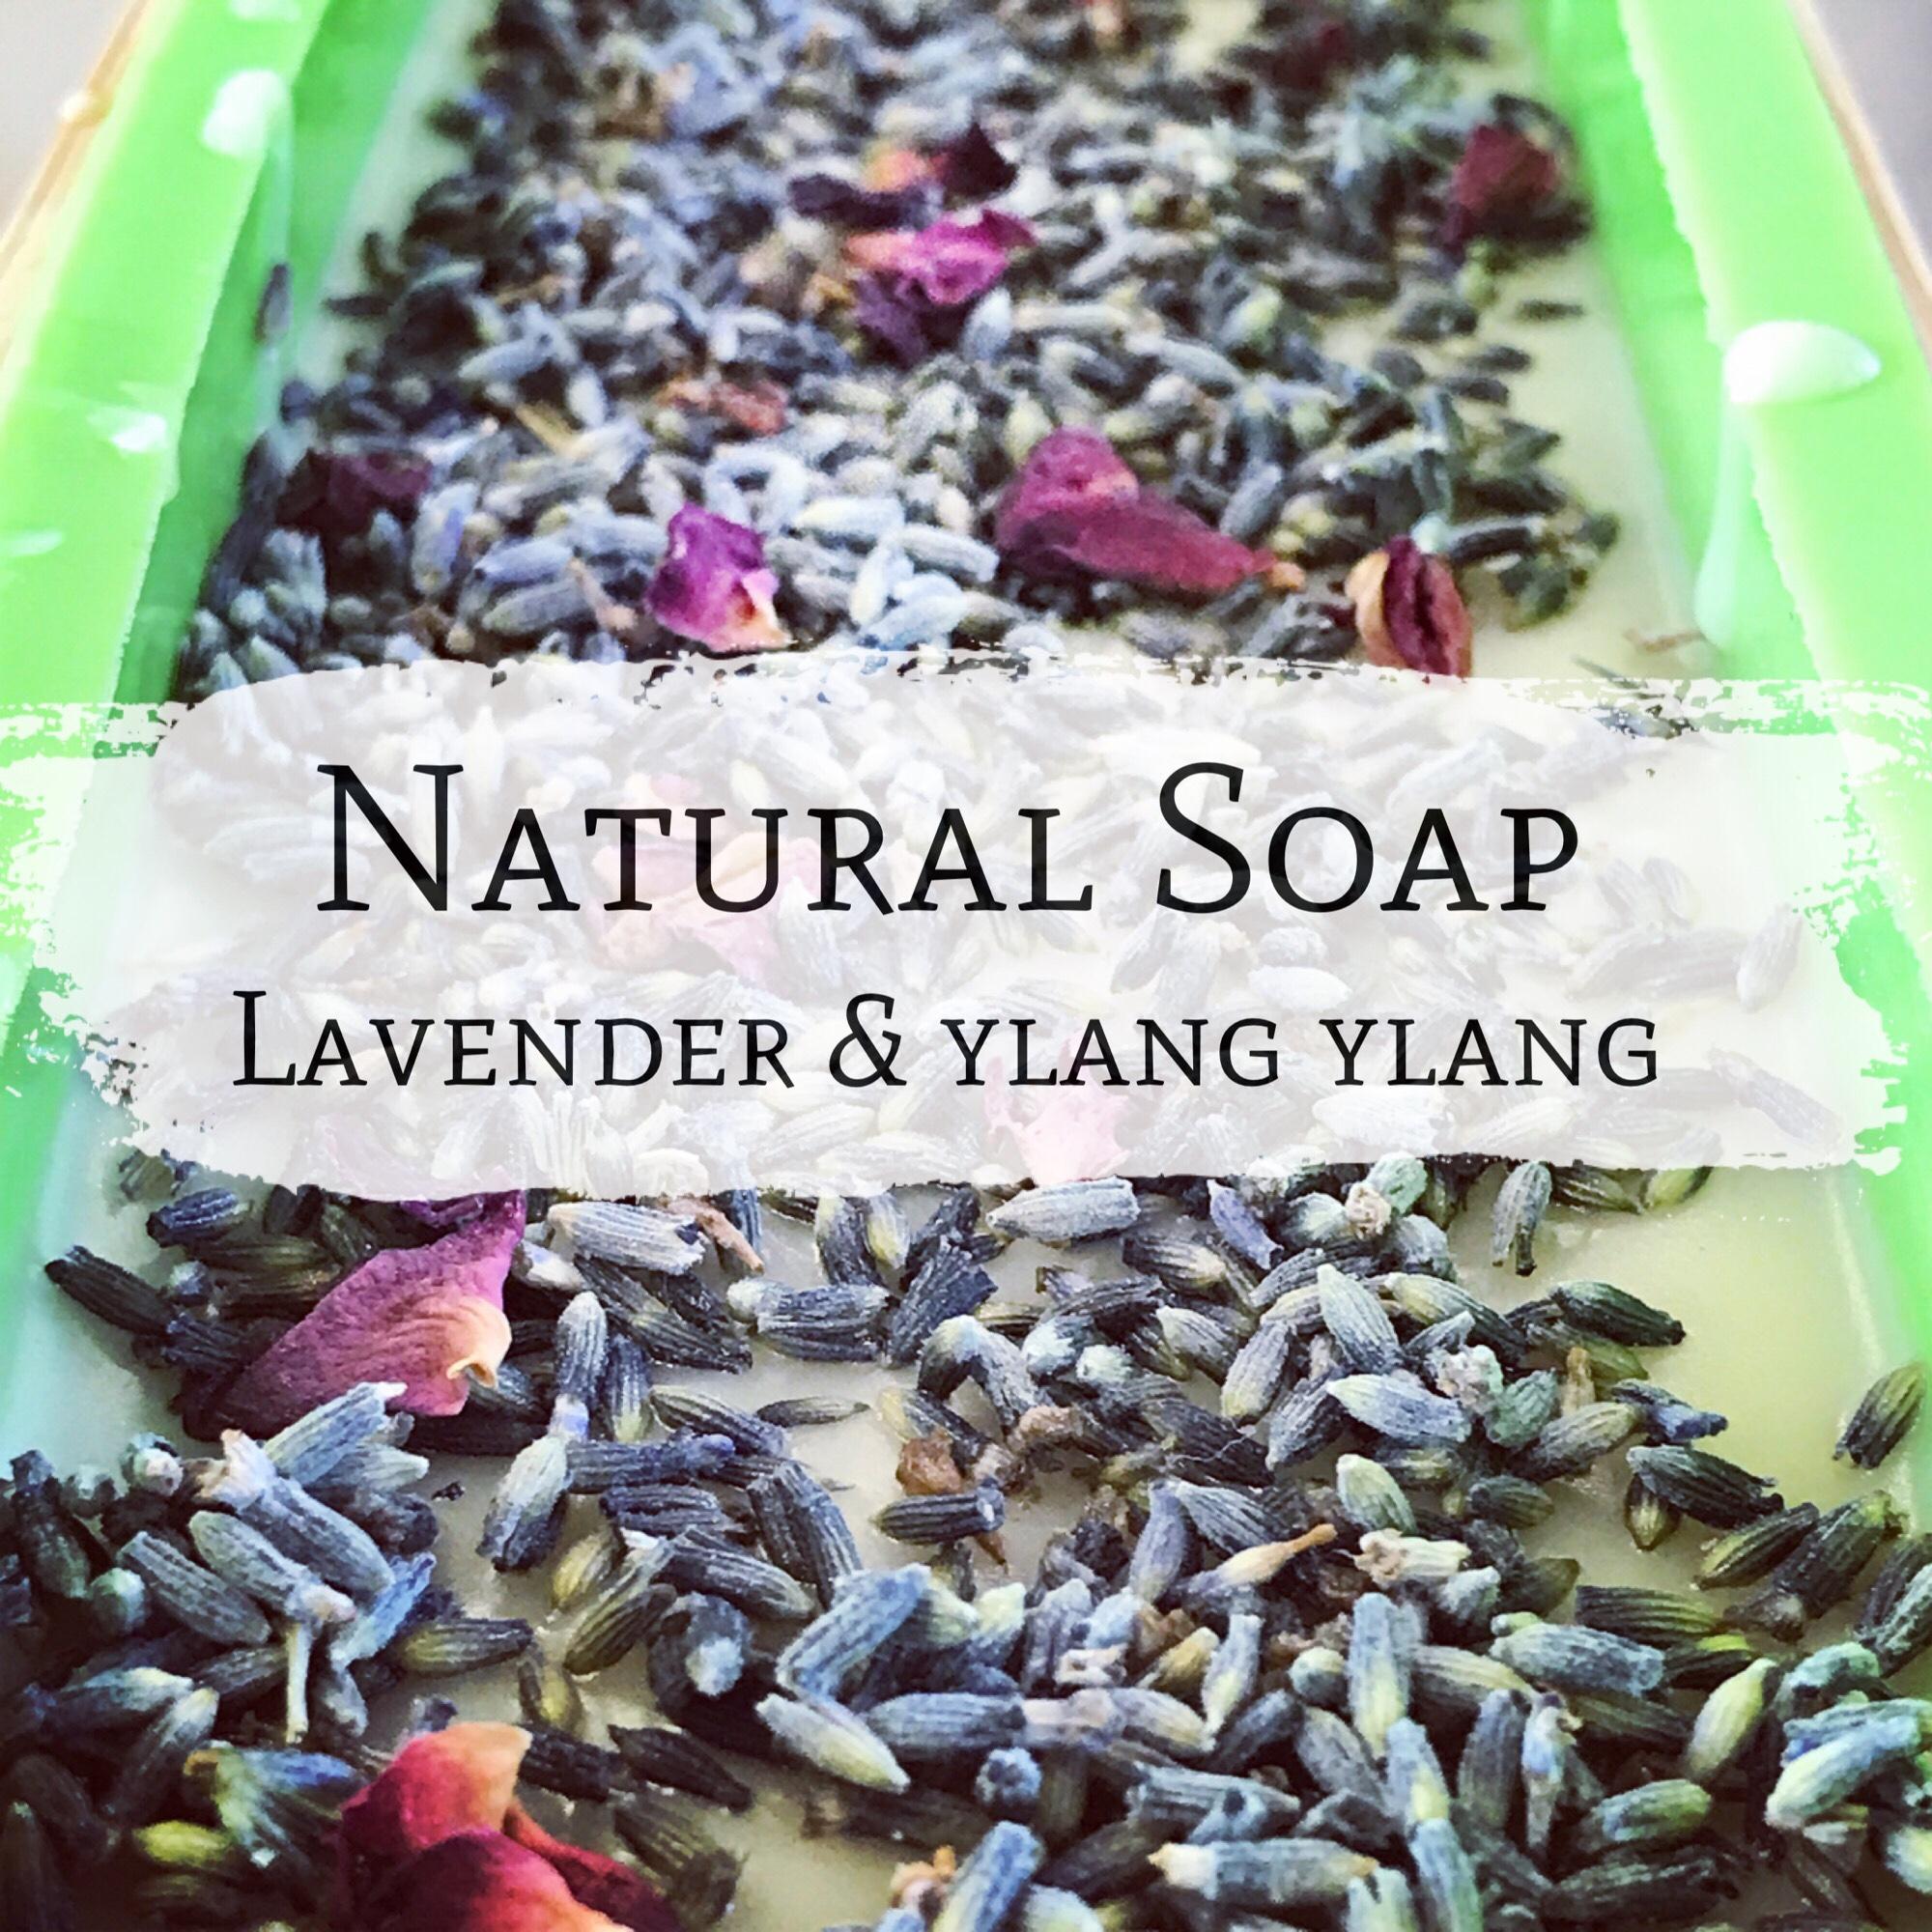 Lavender and ylang ylang soap